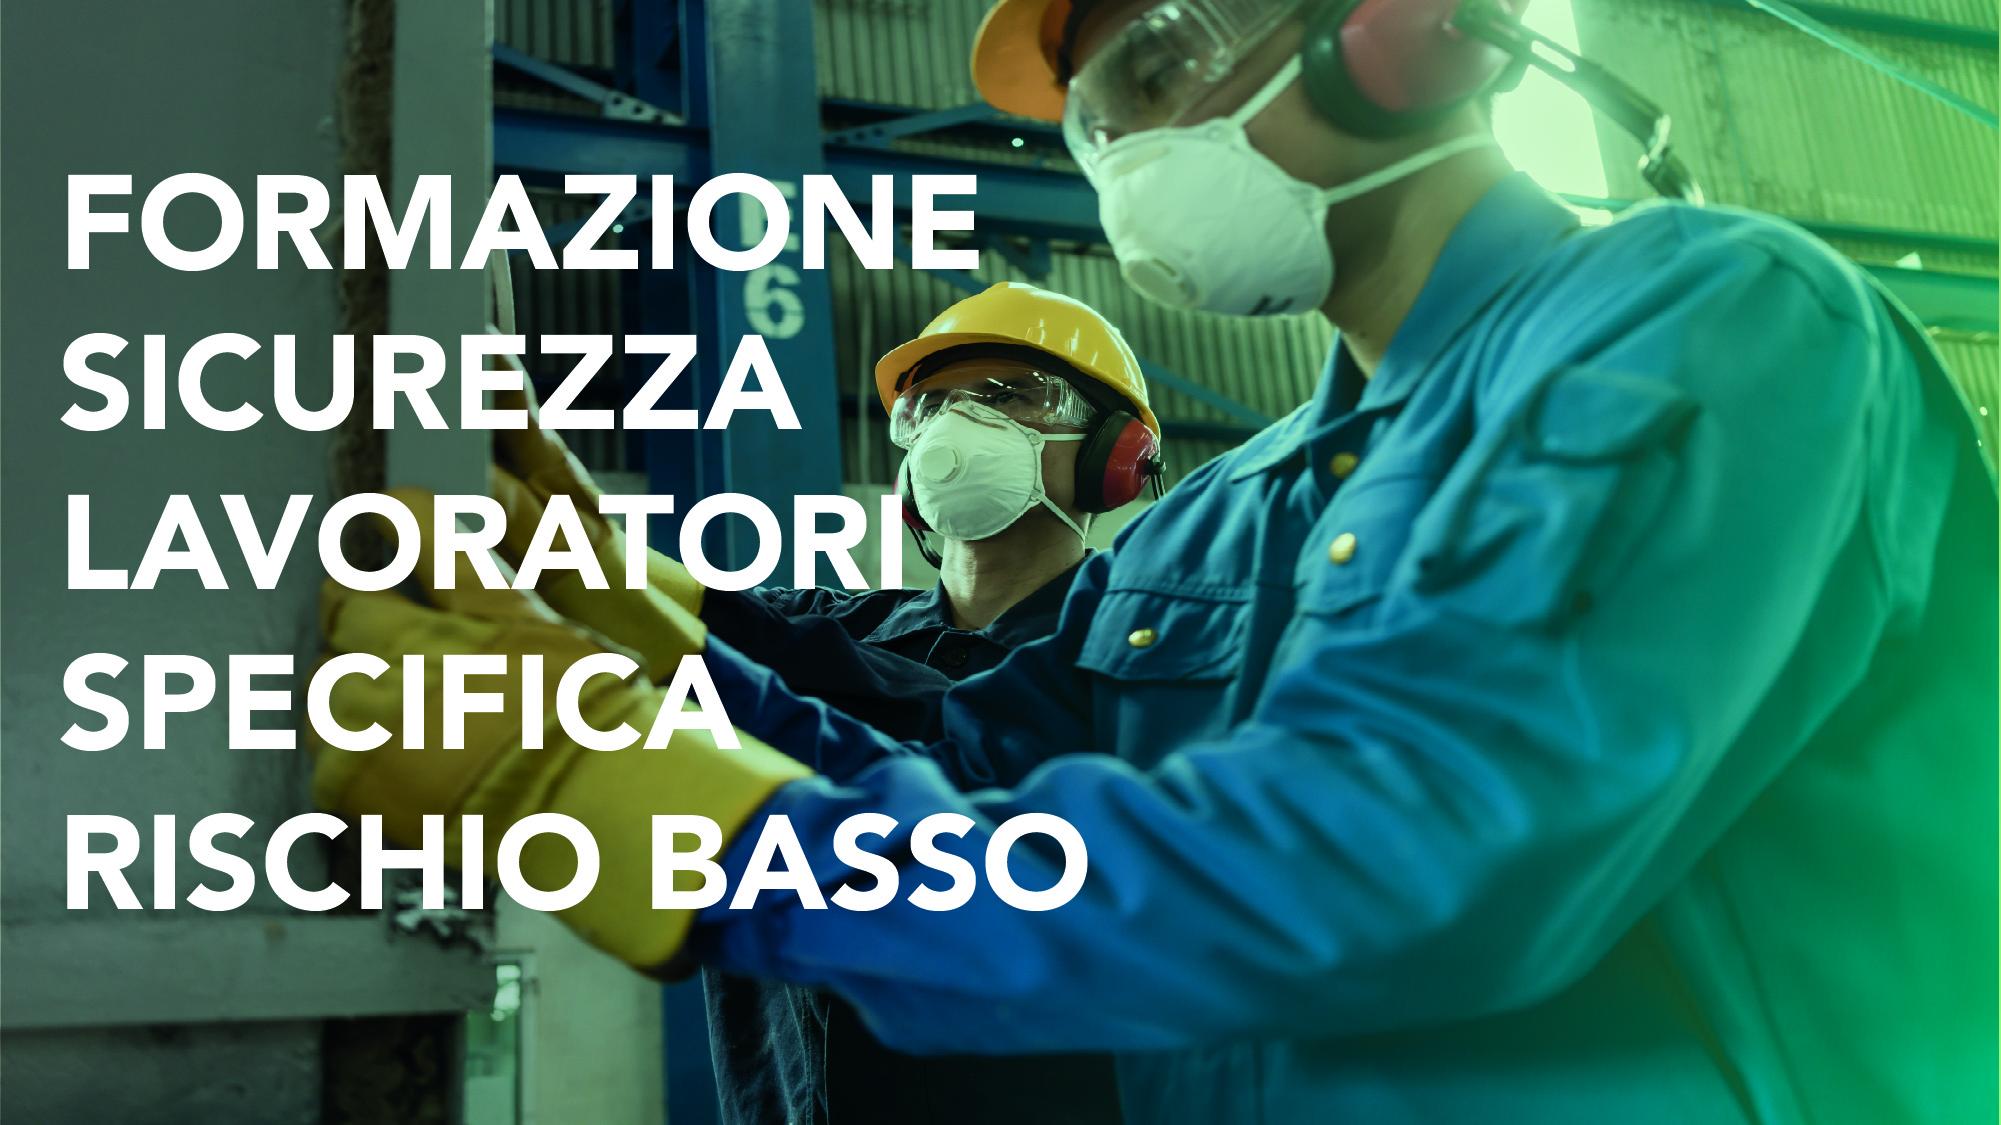 Formazione Specifica dei Lavoratori per il Rischio Basso CorsiSicurezza.com